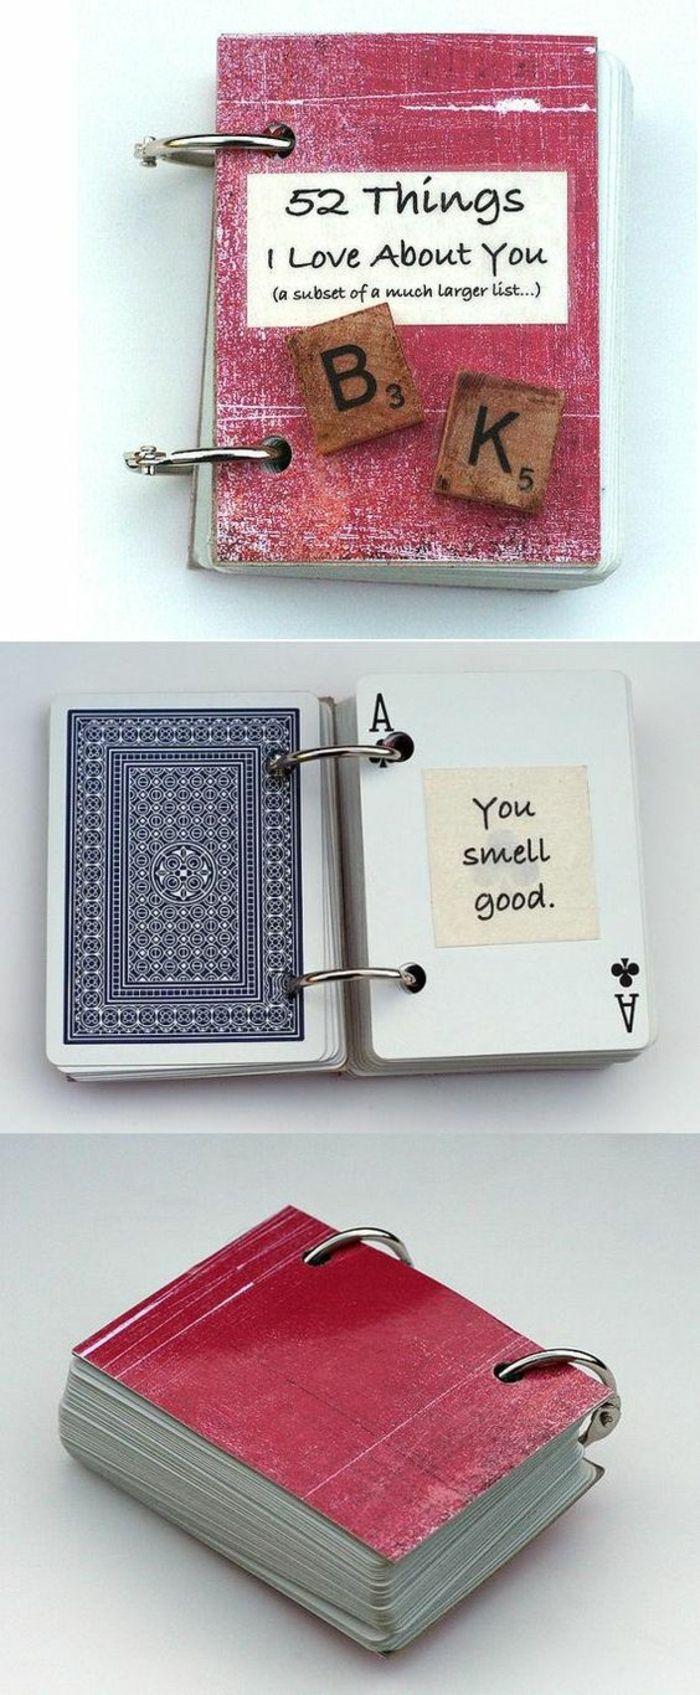 regalos-originales-para-novios-idea-cuaderno-con-naipes-mensajes-amor-azul-rojo